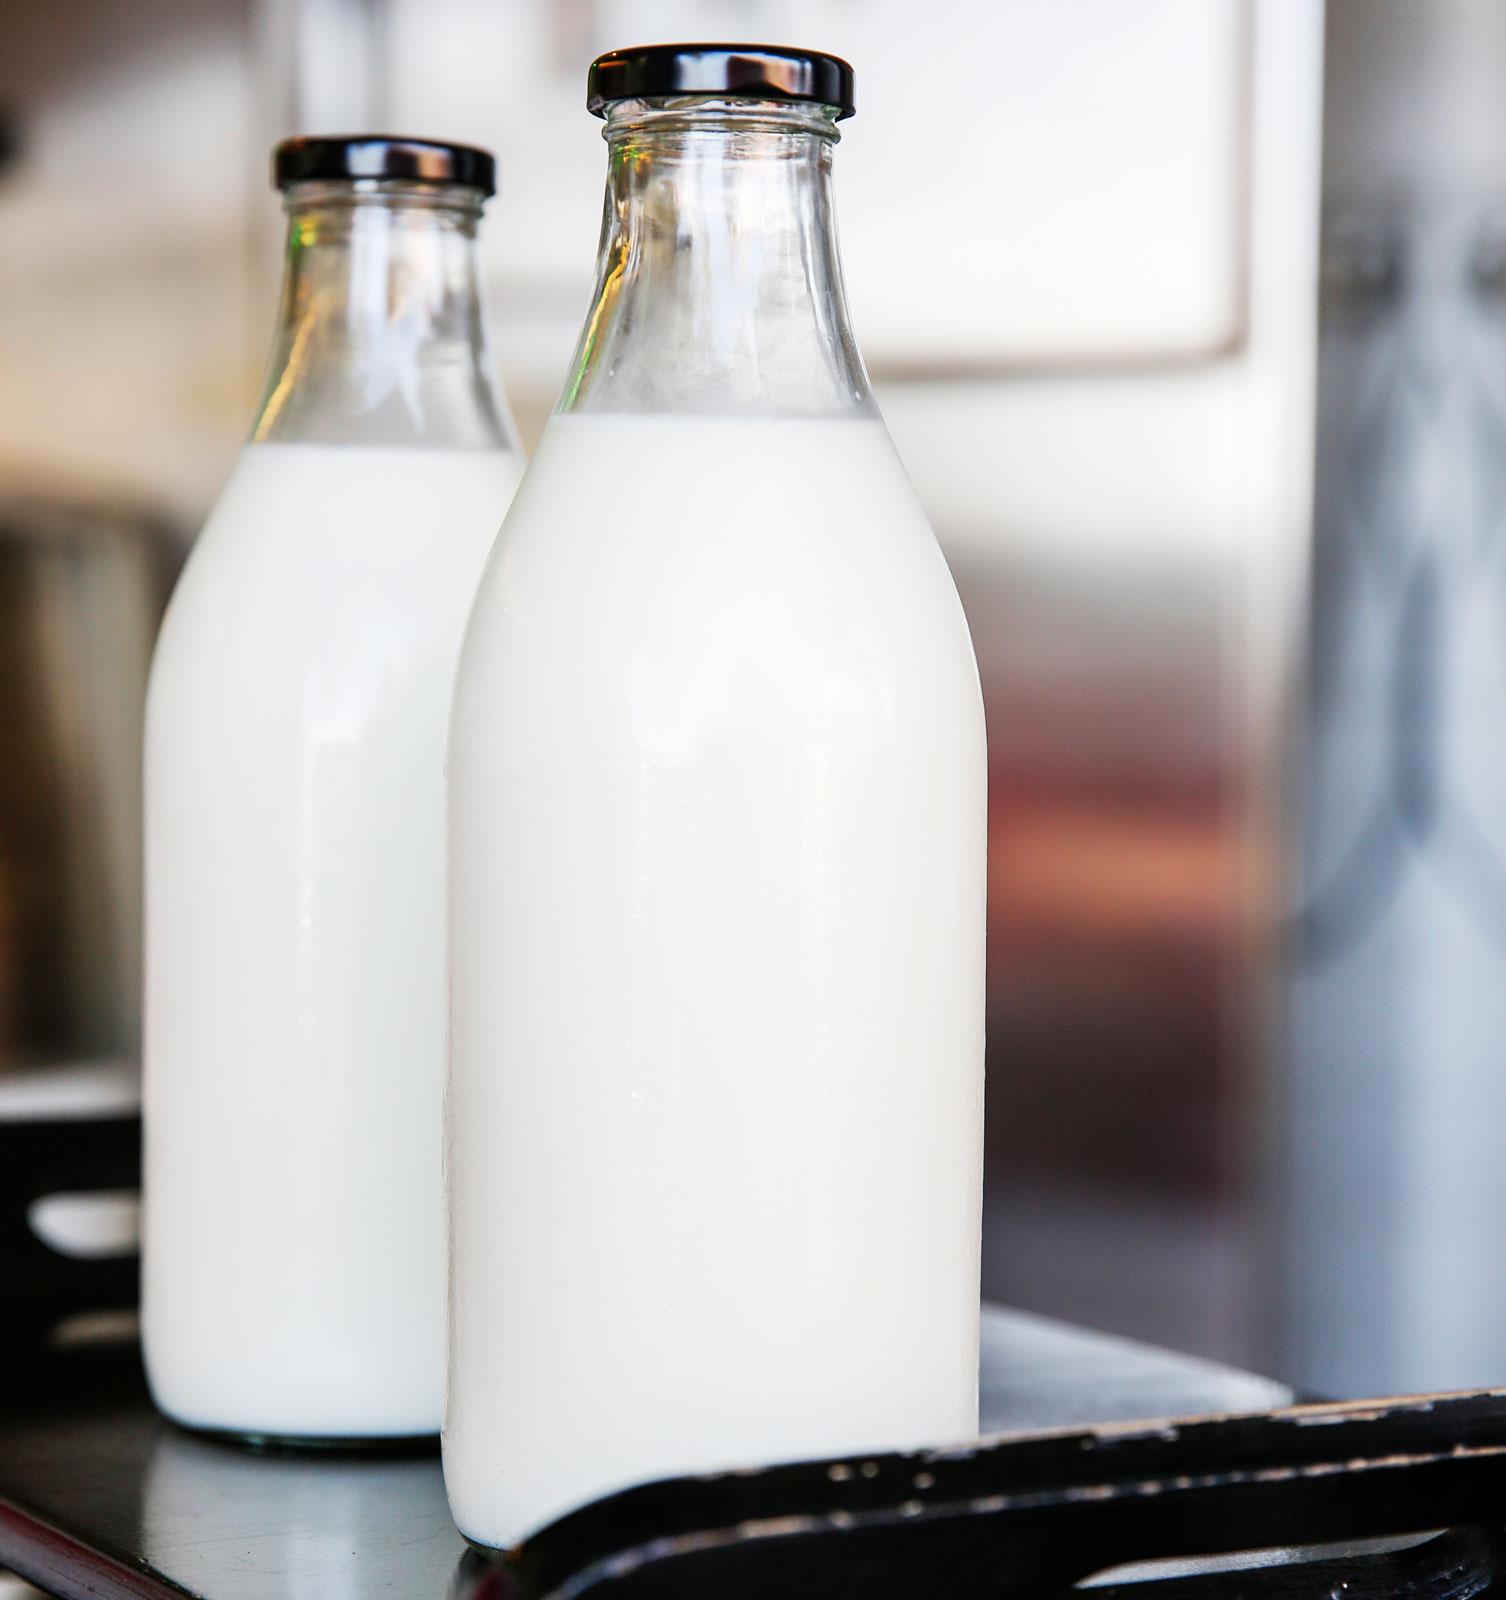 Mjölk i glasflaskor – precis som förr i tiden.